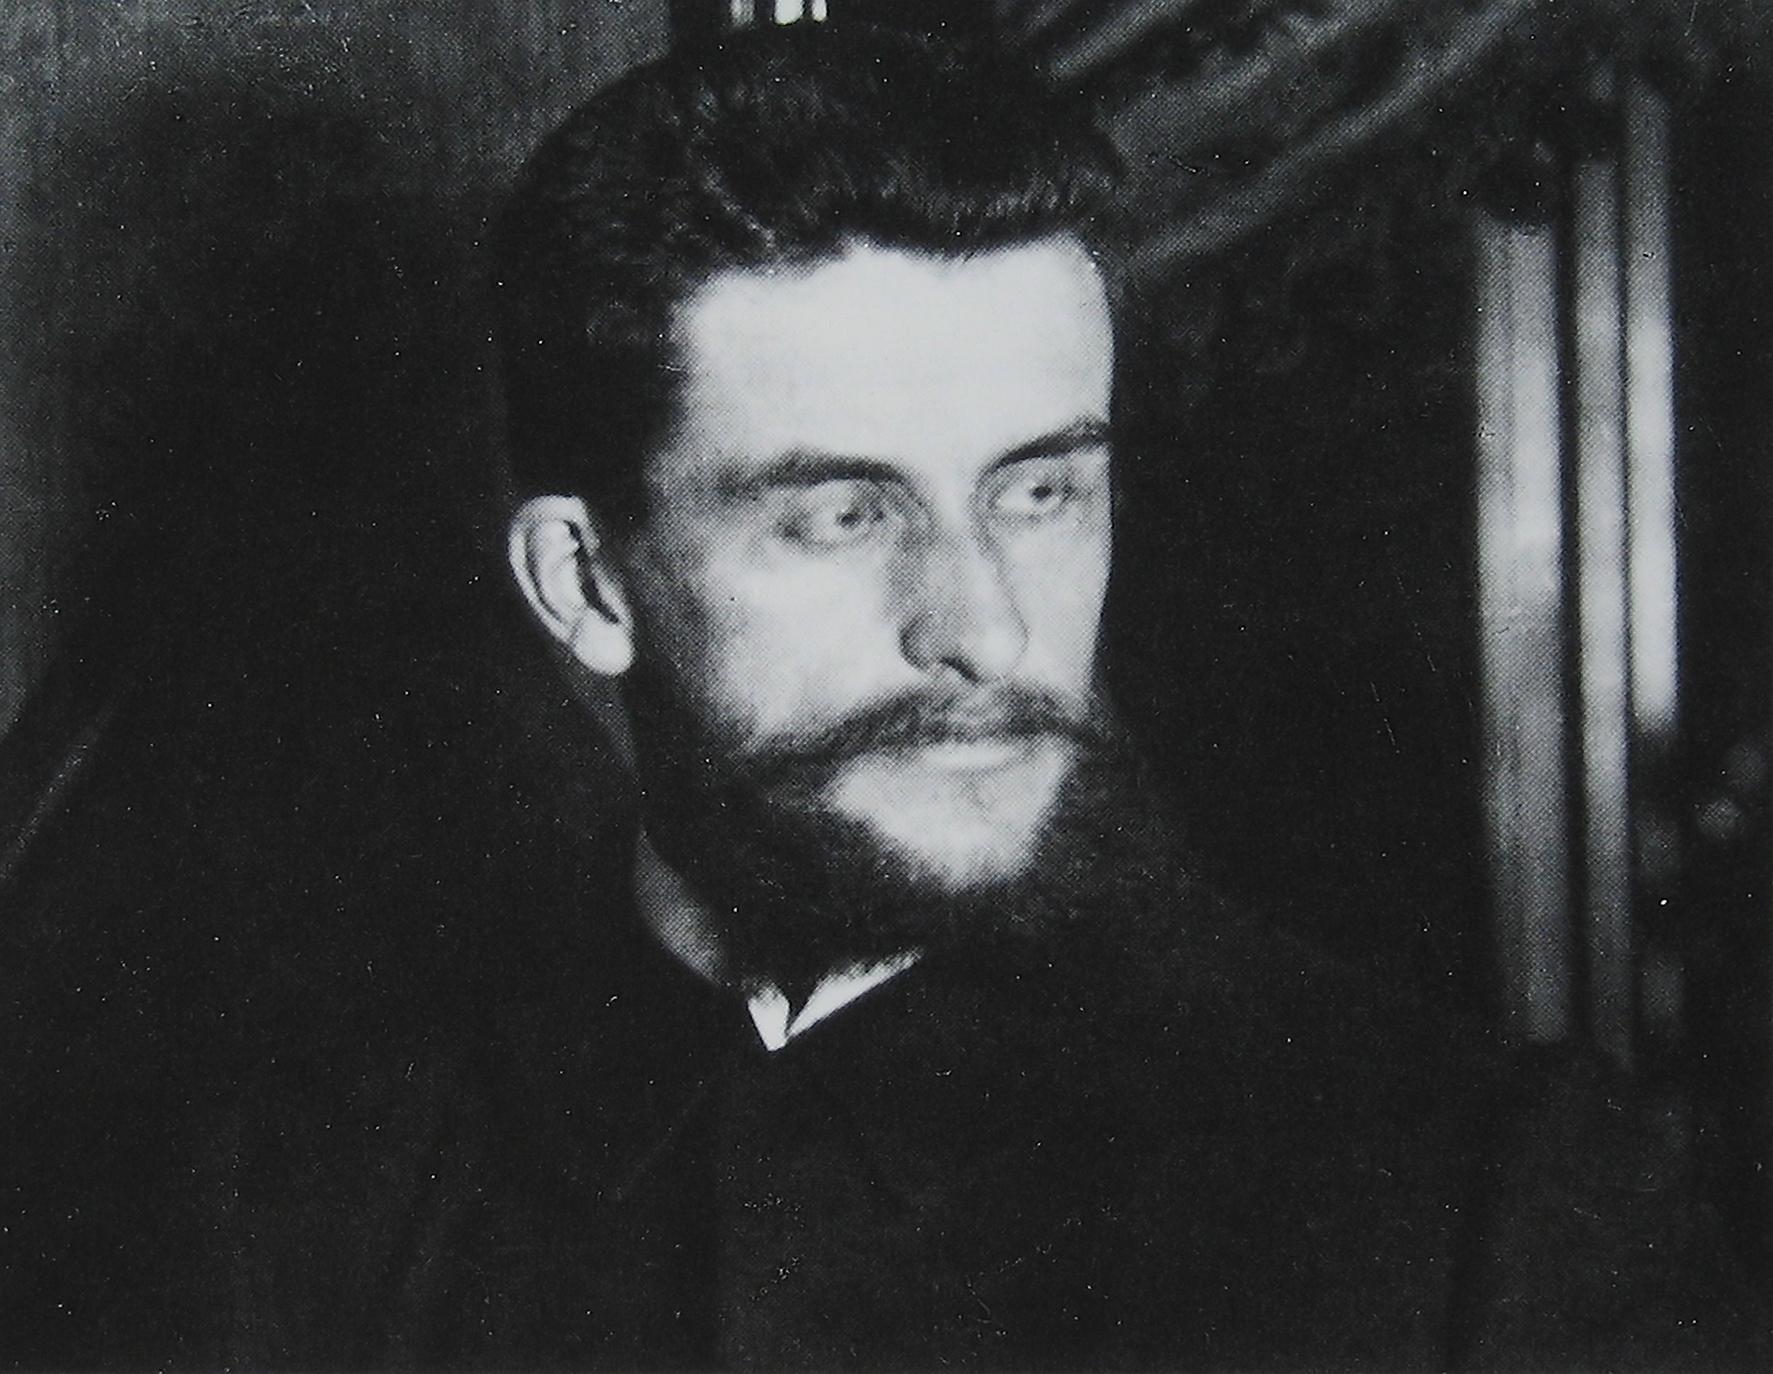 Image of Waldemar Franz Herman Titzenthaler from Wikidata